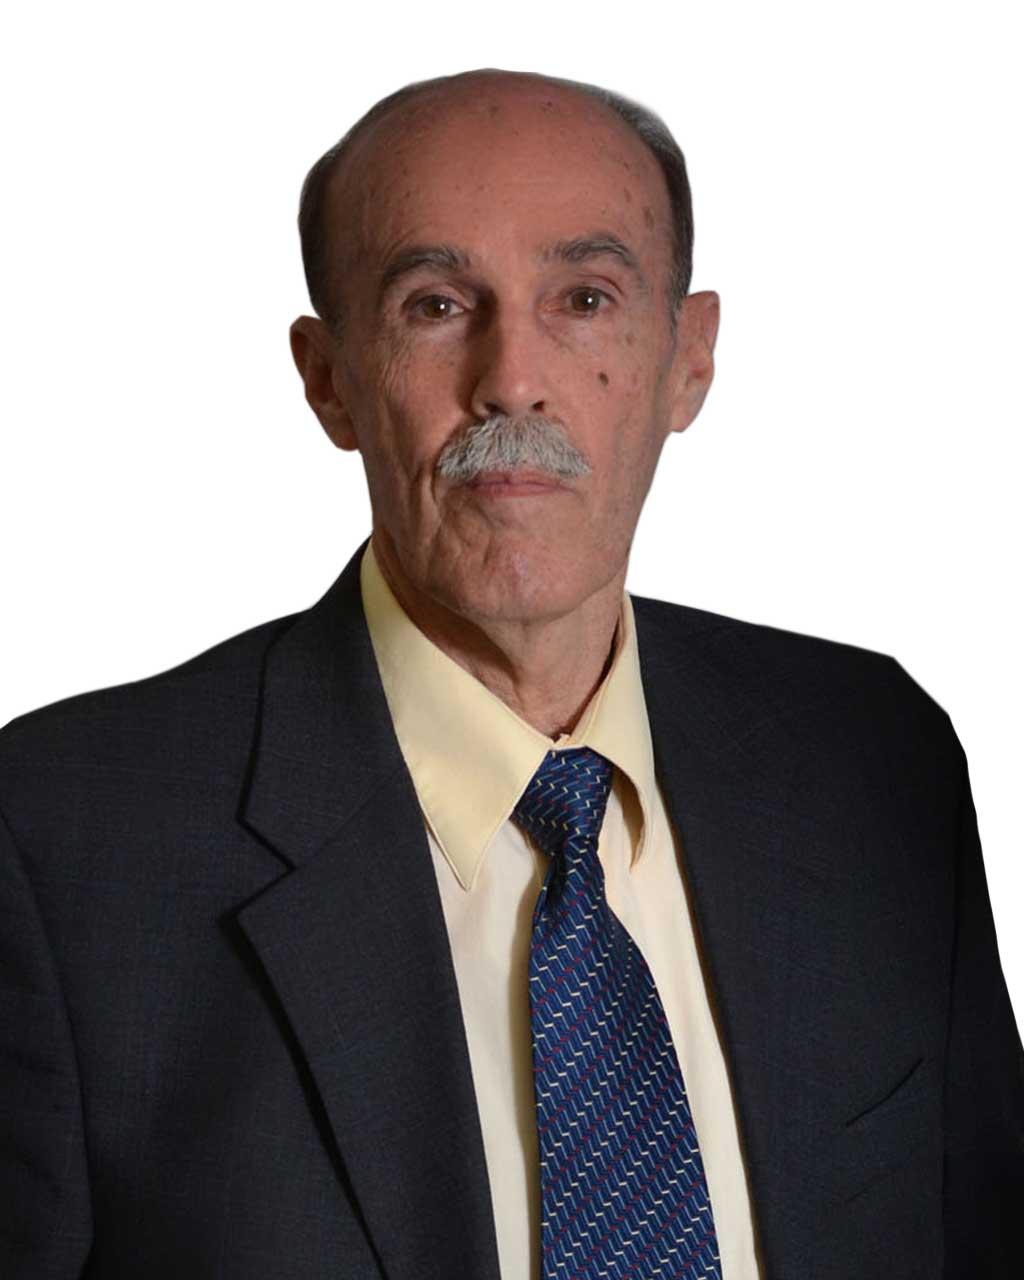 Thomas G. Dumais